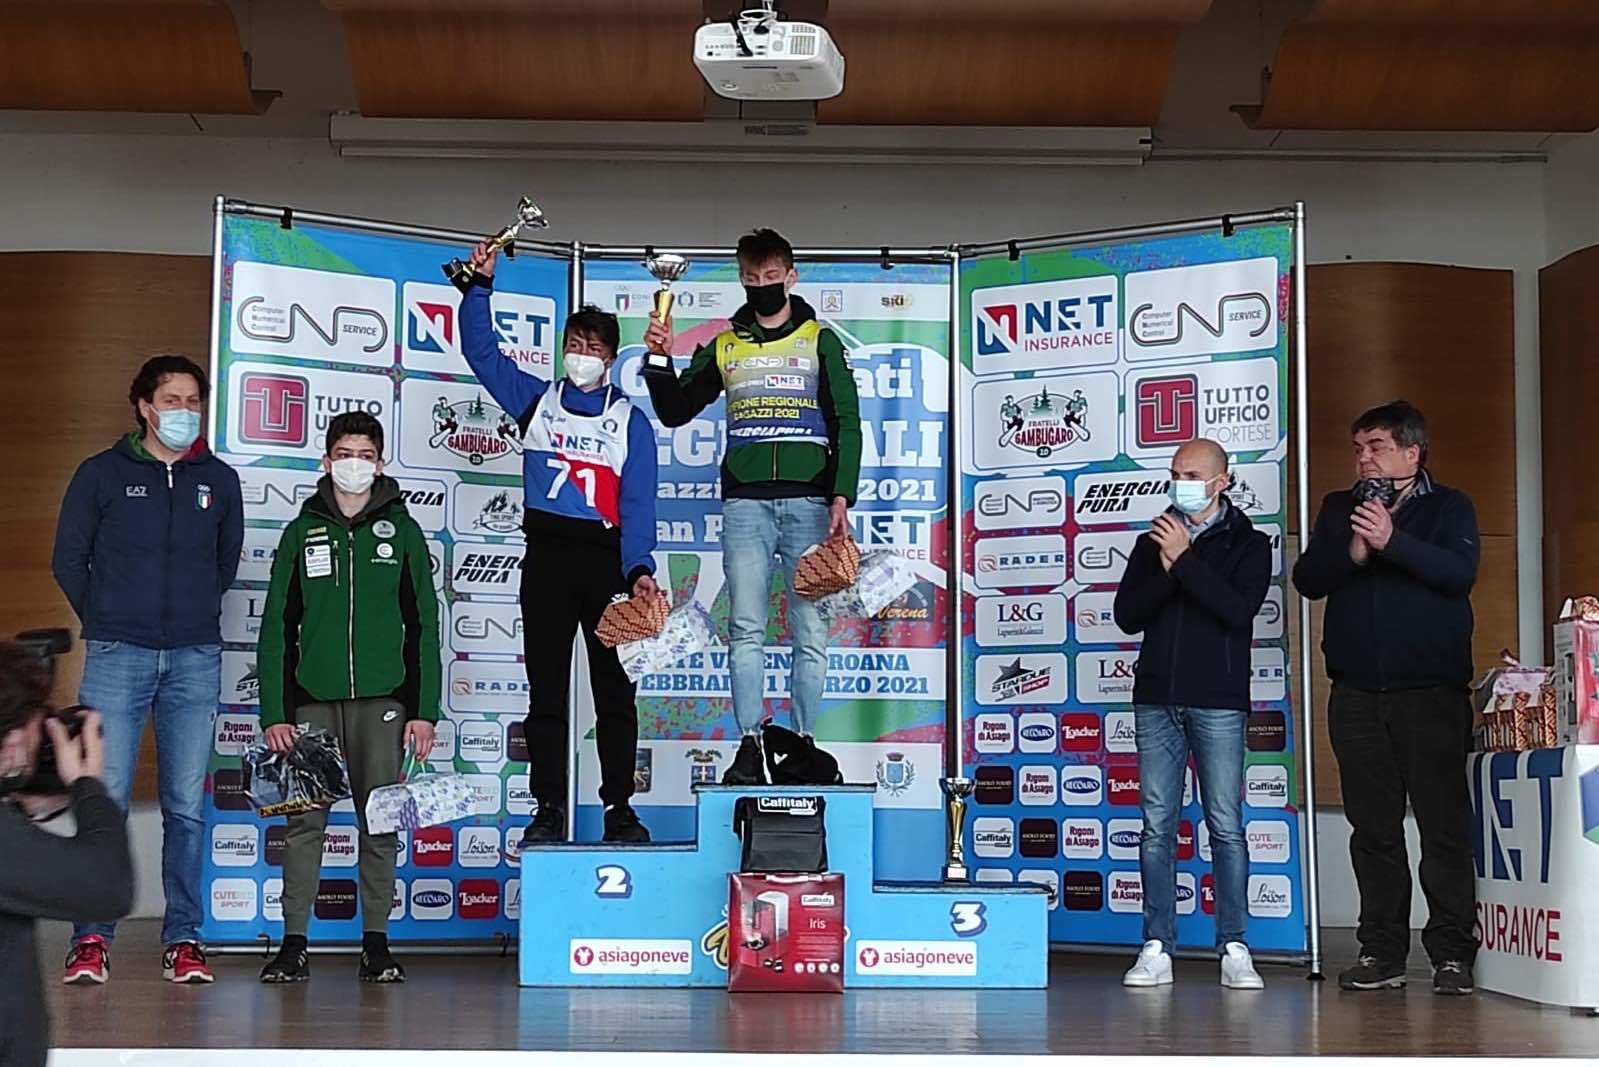 Il podio Ragazzi del Grand Prix Net Insurance (campionato regionale veneto) gigante al Verena